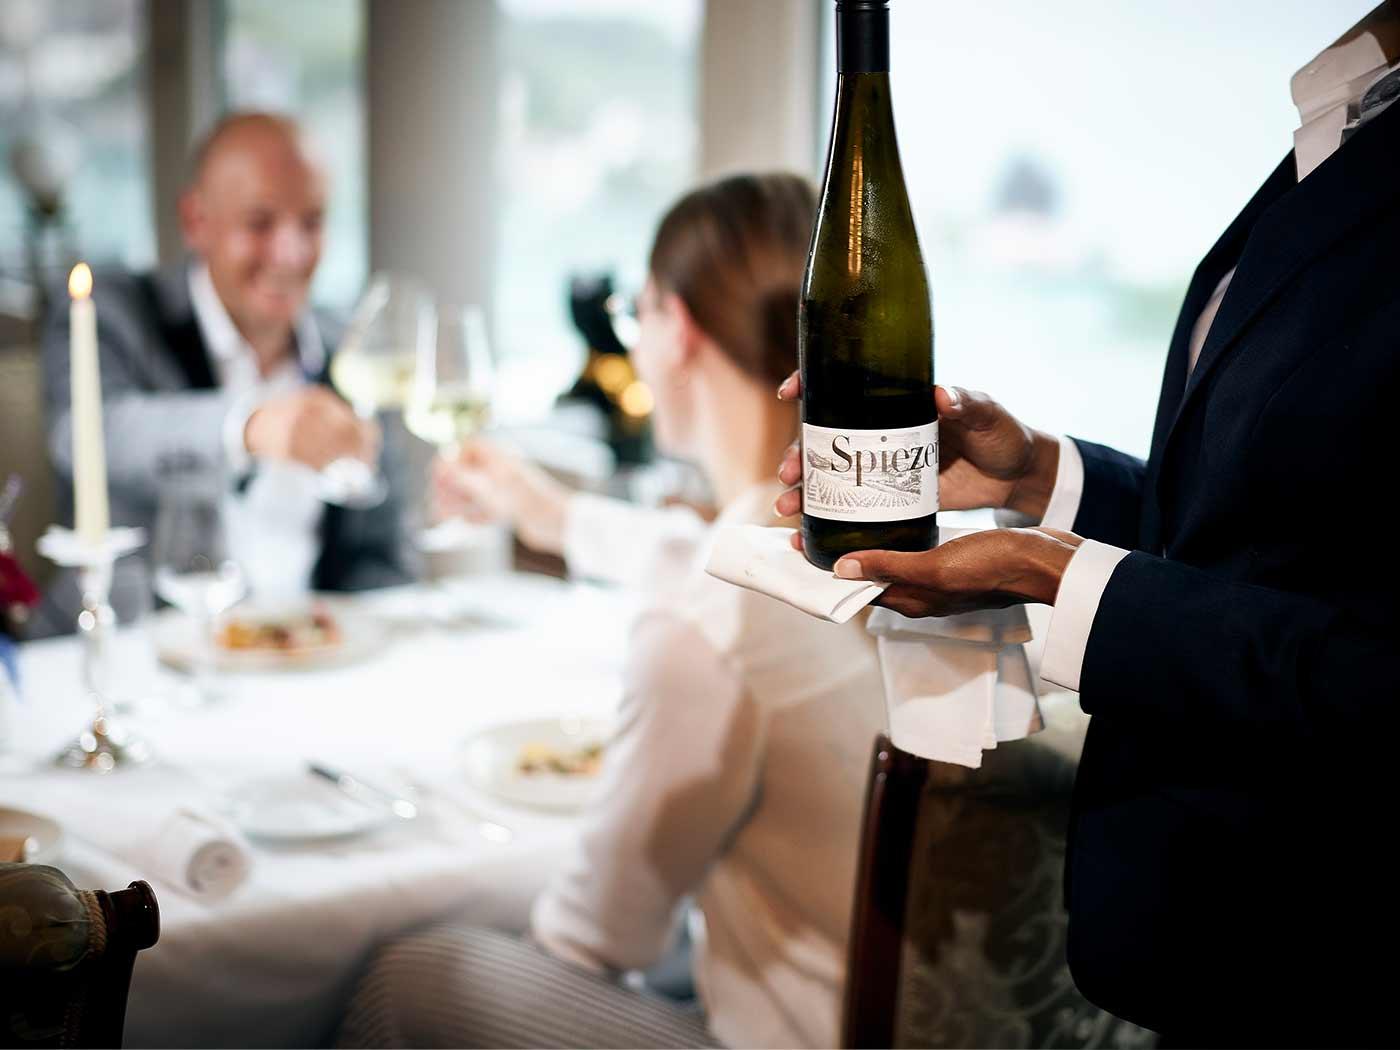 Restaurantbedienung bringt Flasche Wein an den Tisch